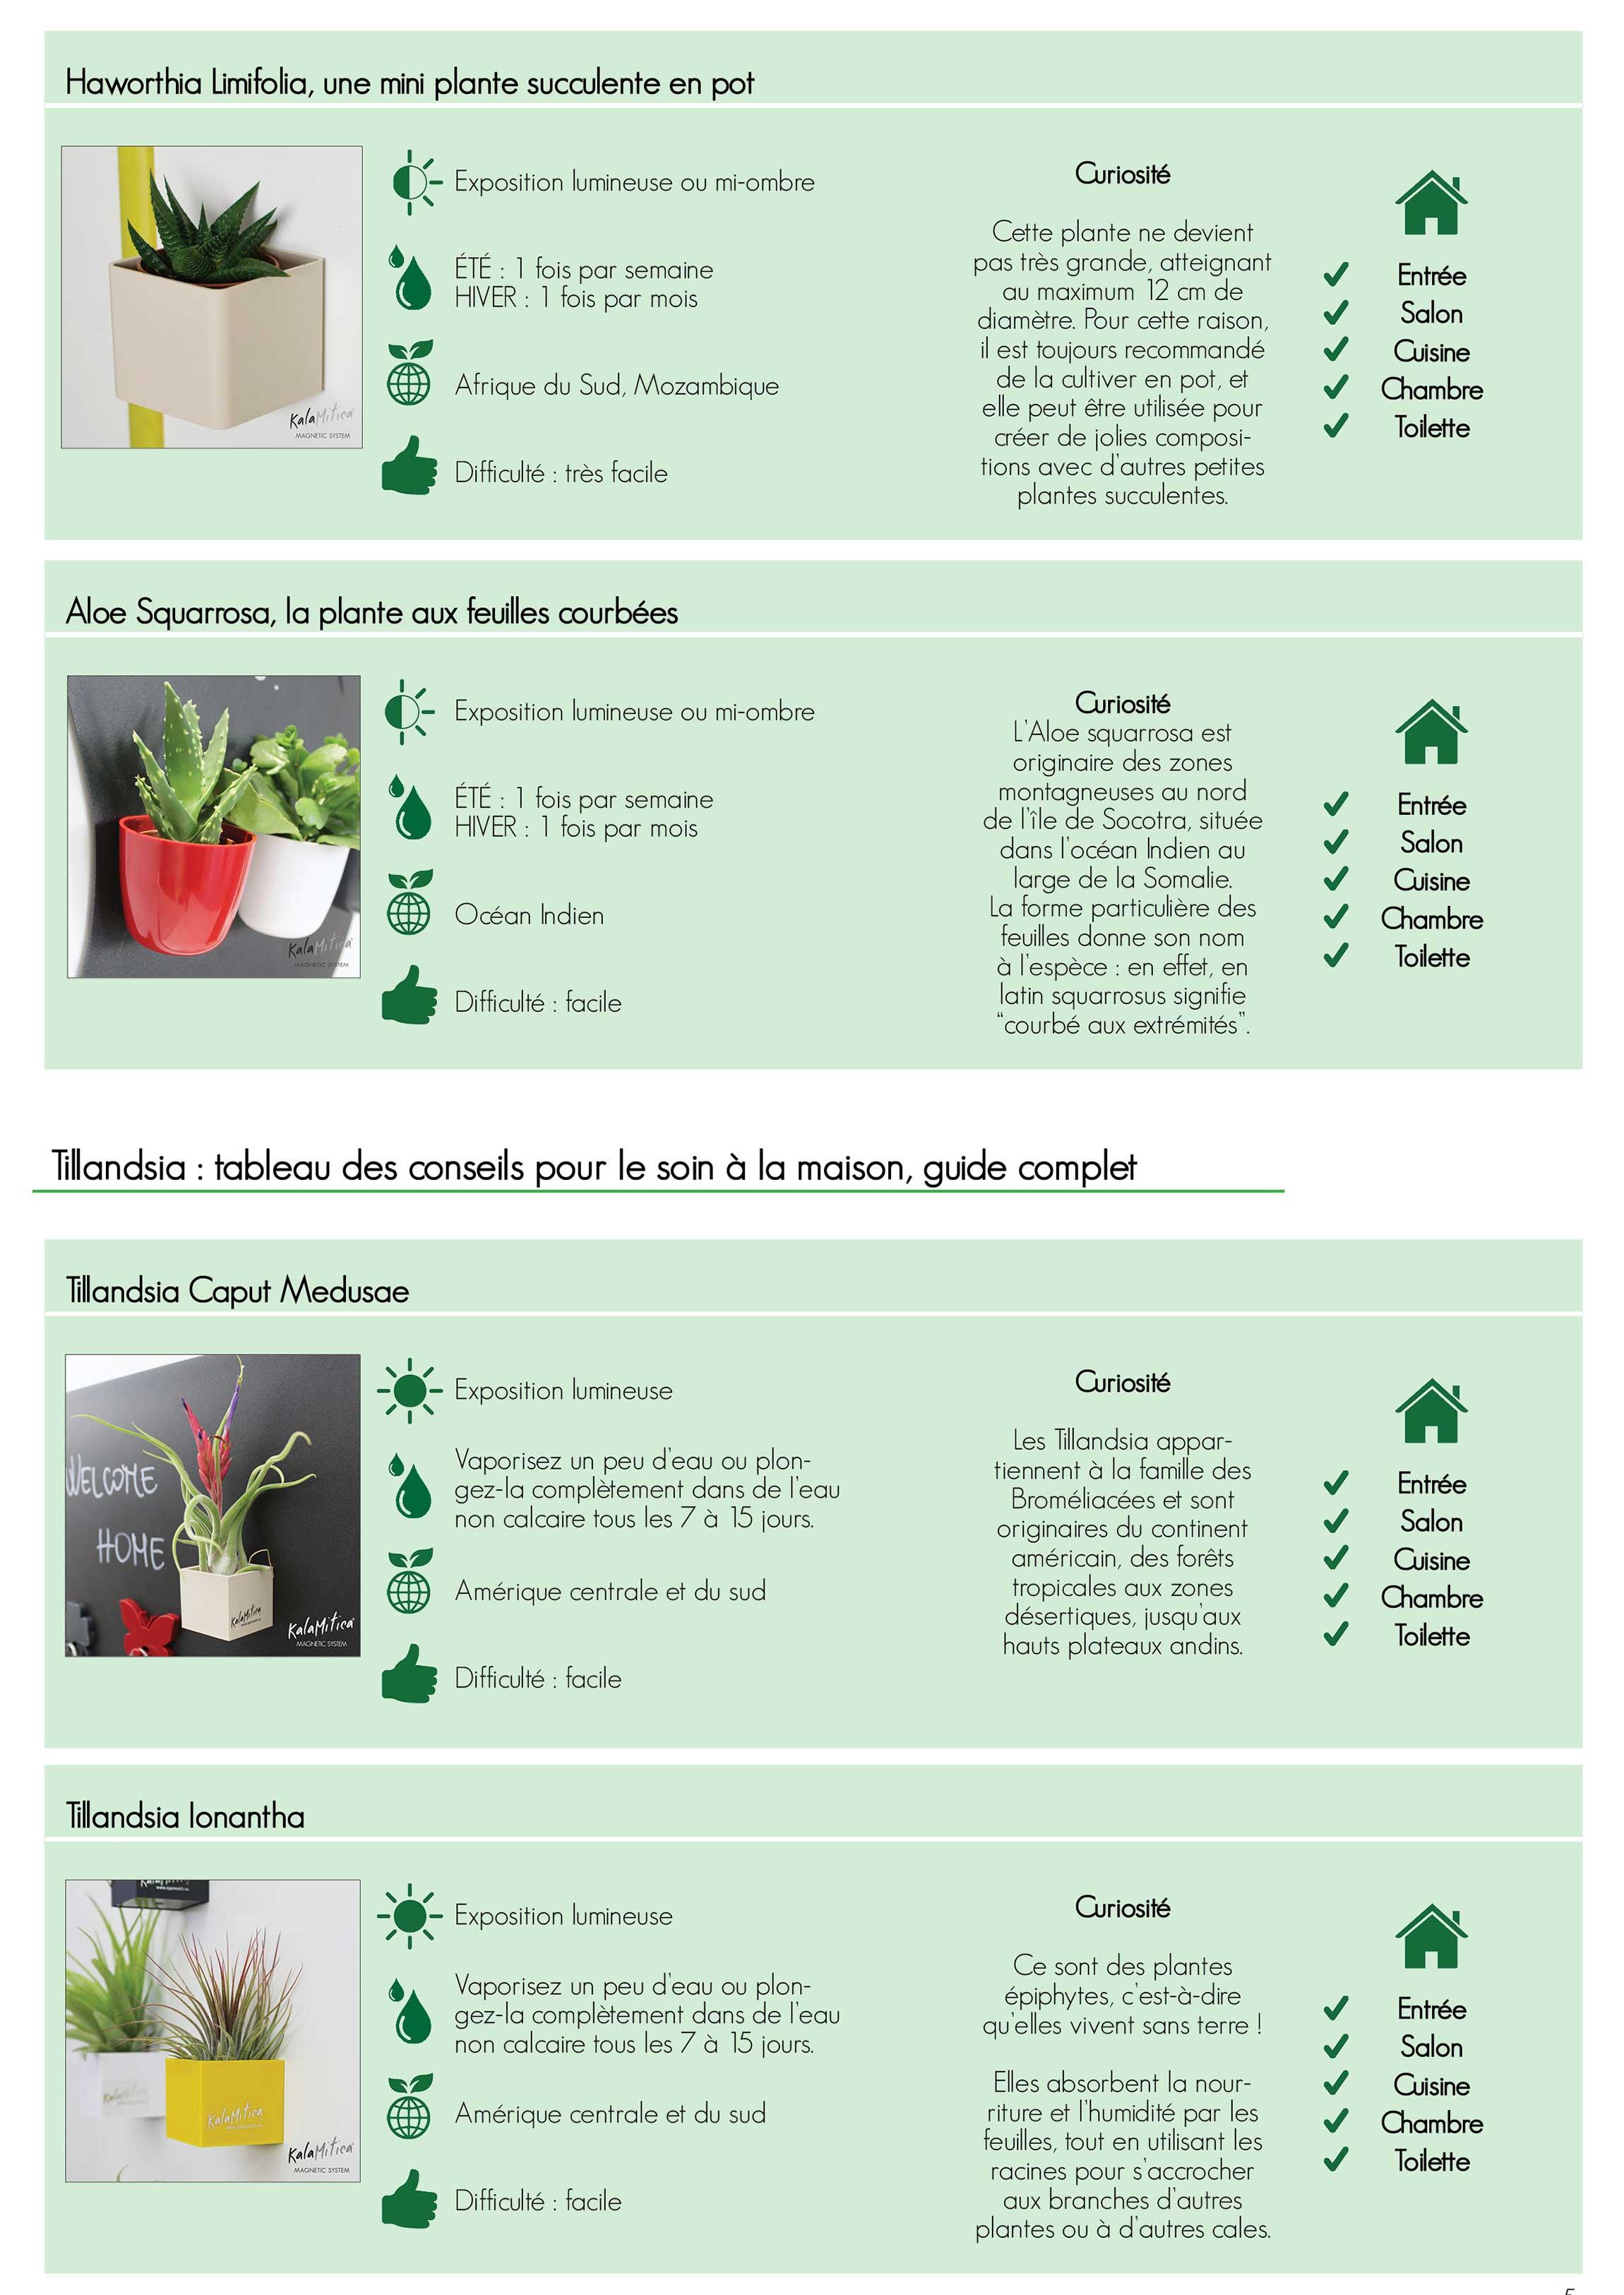 Plantes succulentes KalaMitica: tableau des conseils d'entretien, guide complet